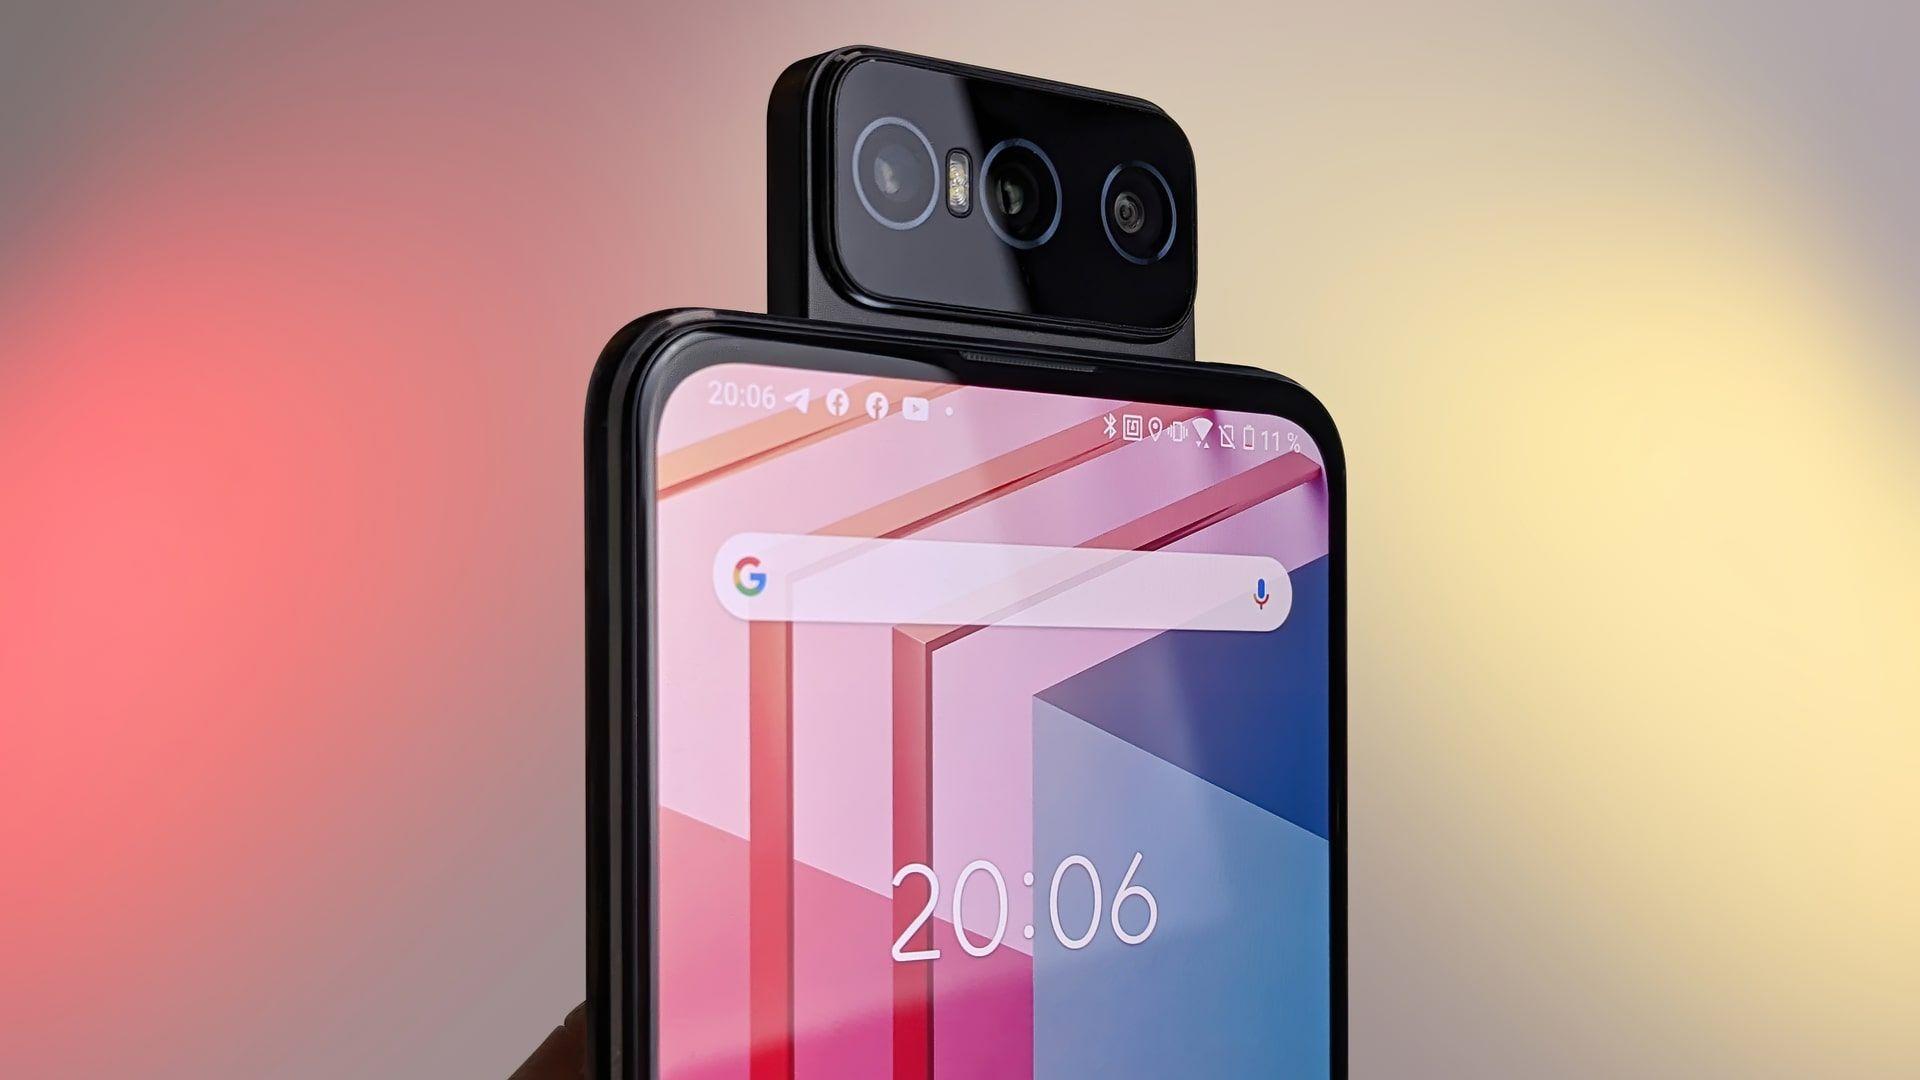 Asus é uma marca de celular que sempre trouxe inovações relevantes (Foto: Shutterstock)